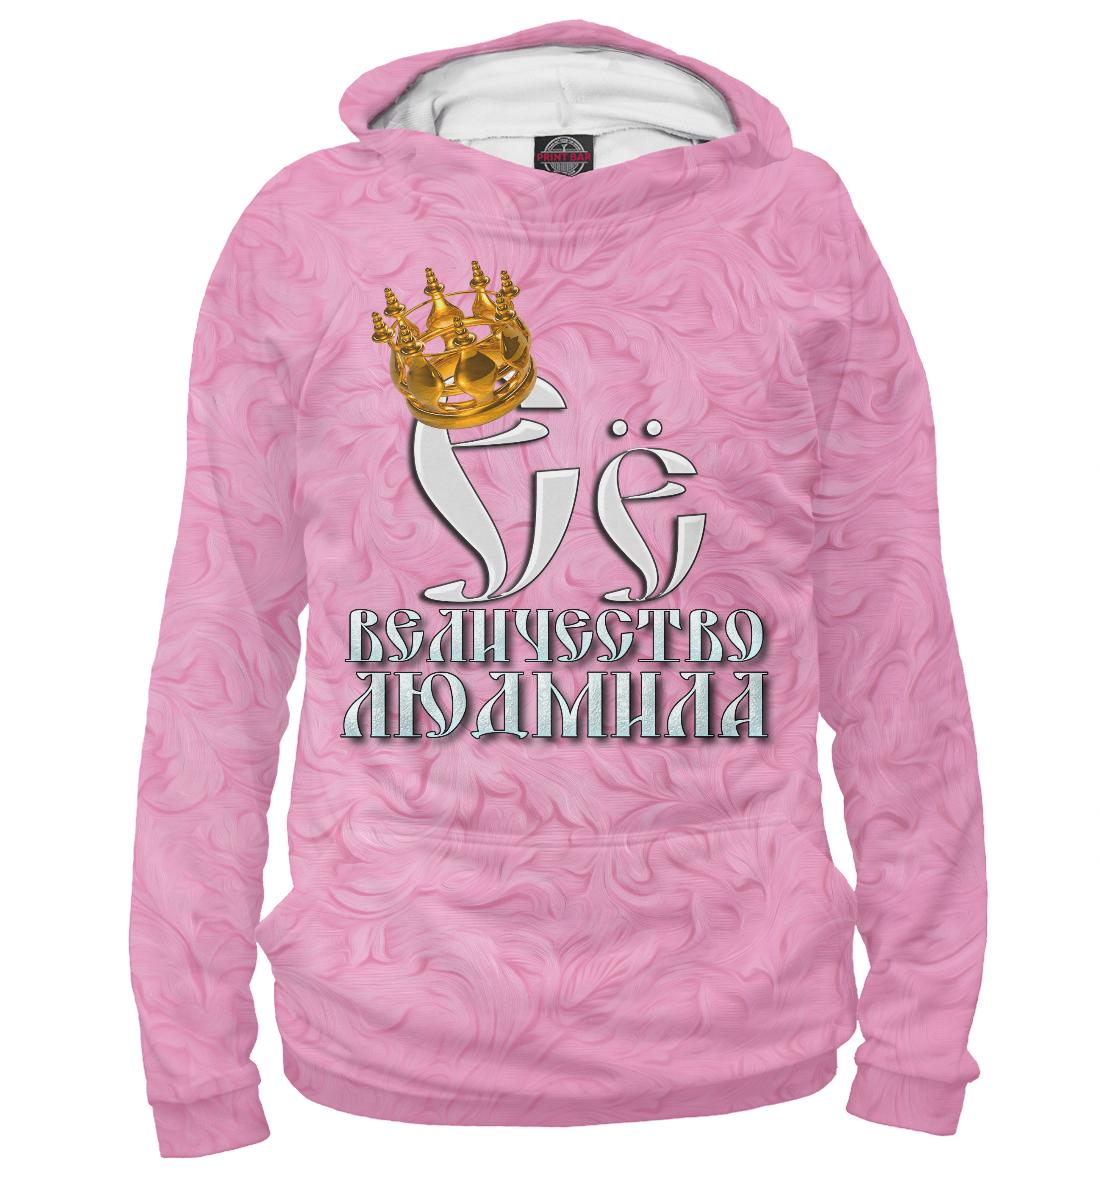 Купить Её величество Людмила, Printbar, Худи, IMR-695398-hud-1